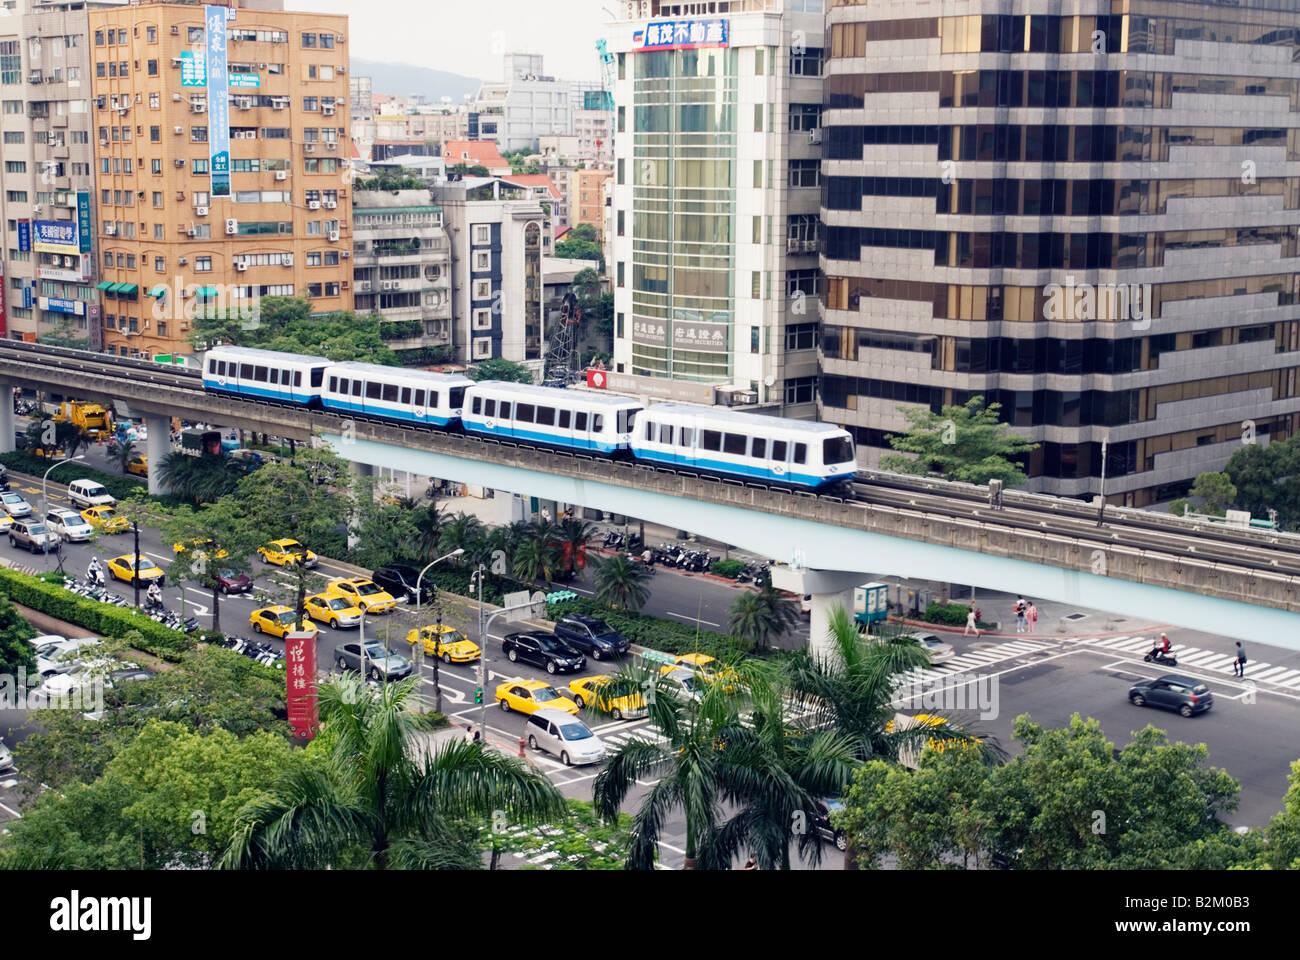 La ciudad de Taipei, Taiwán, la calle Fuxing Road MRT y tráfico Imagen De Stock